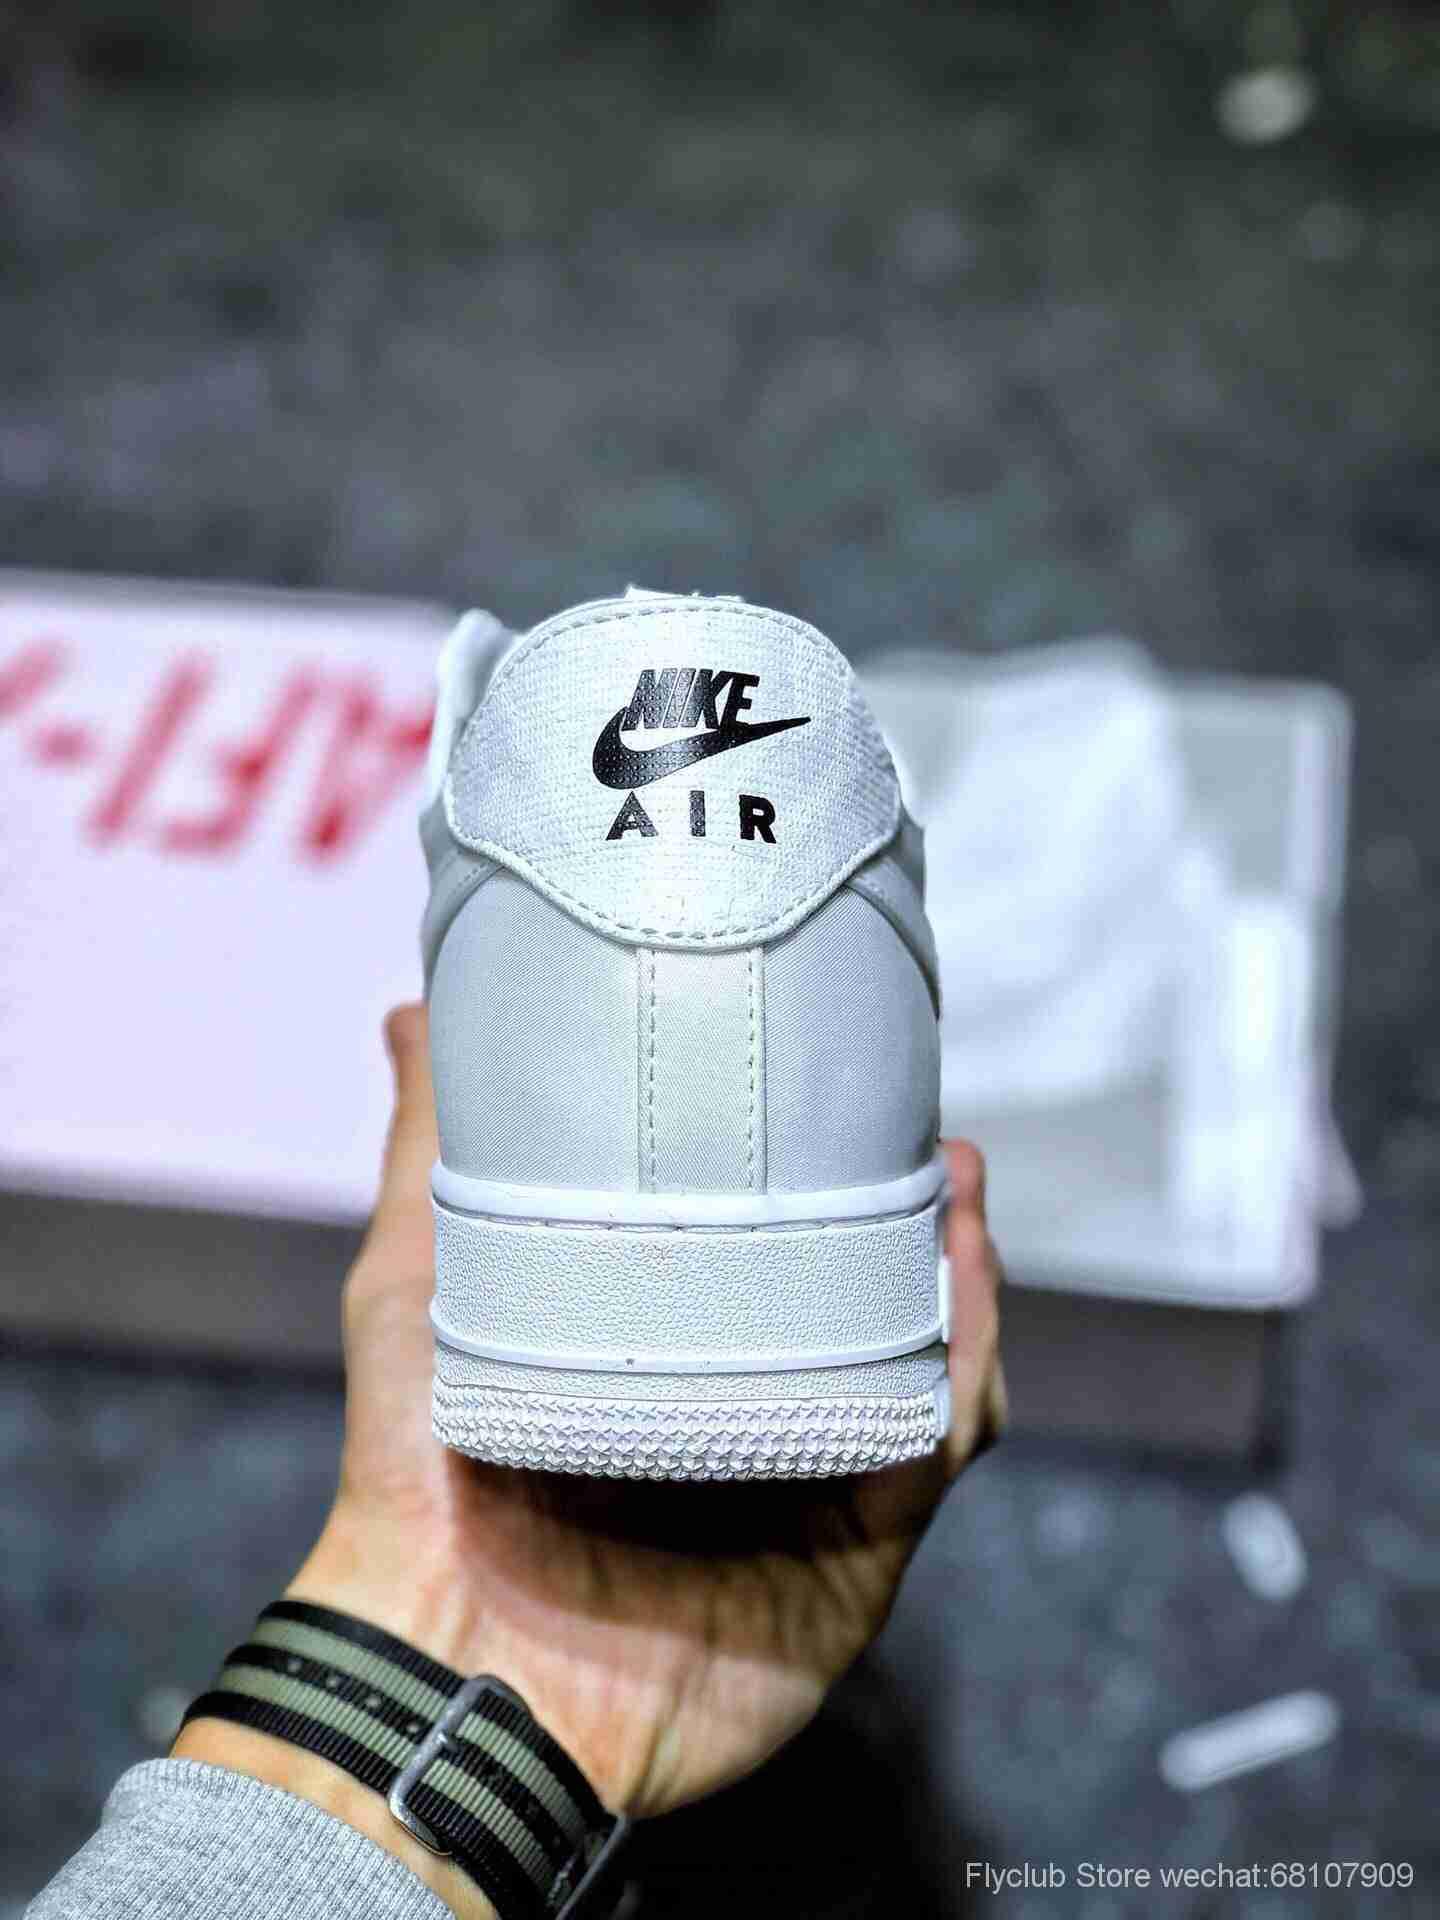 ,全球限量,川久保玲独立品牌 丹佛街Dover Street Market x Nike Air Force 1 XXX 30th周年限定空军一号货号:543512- 001